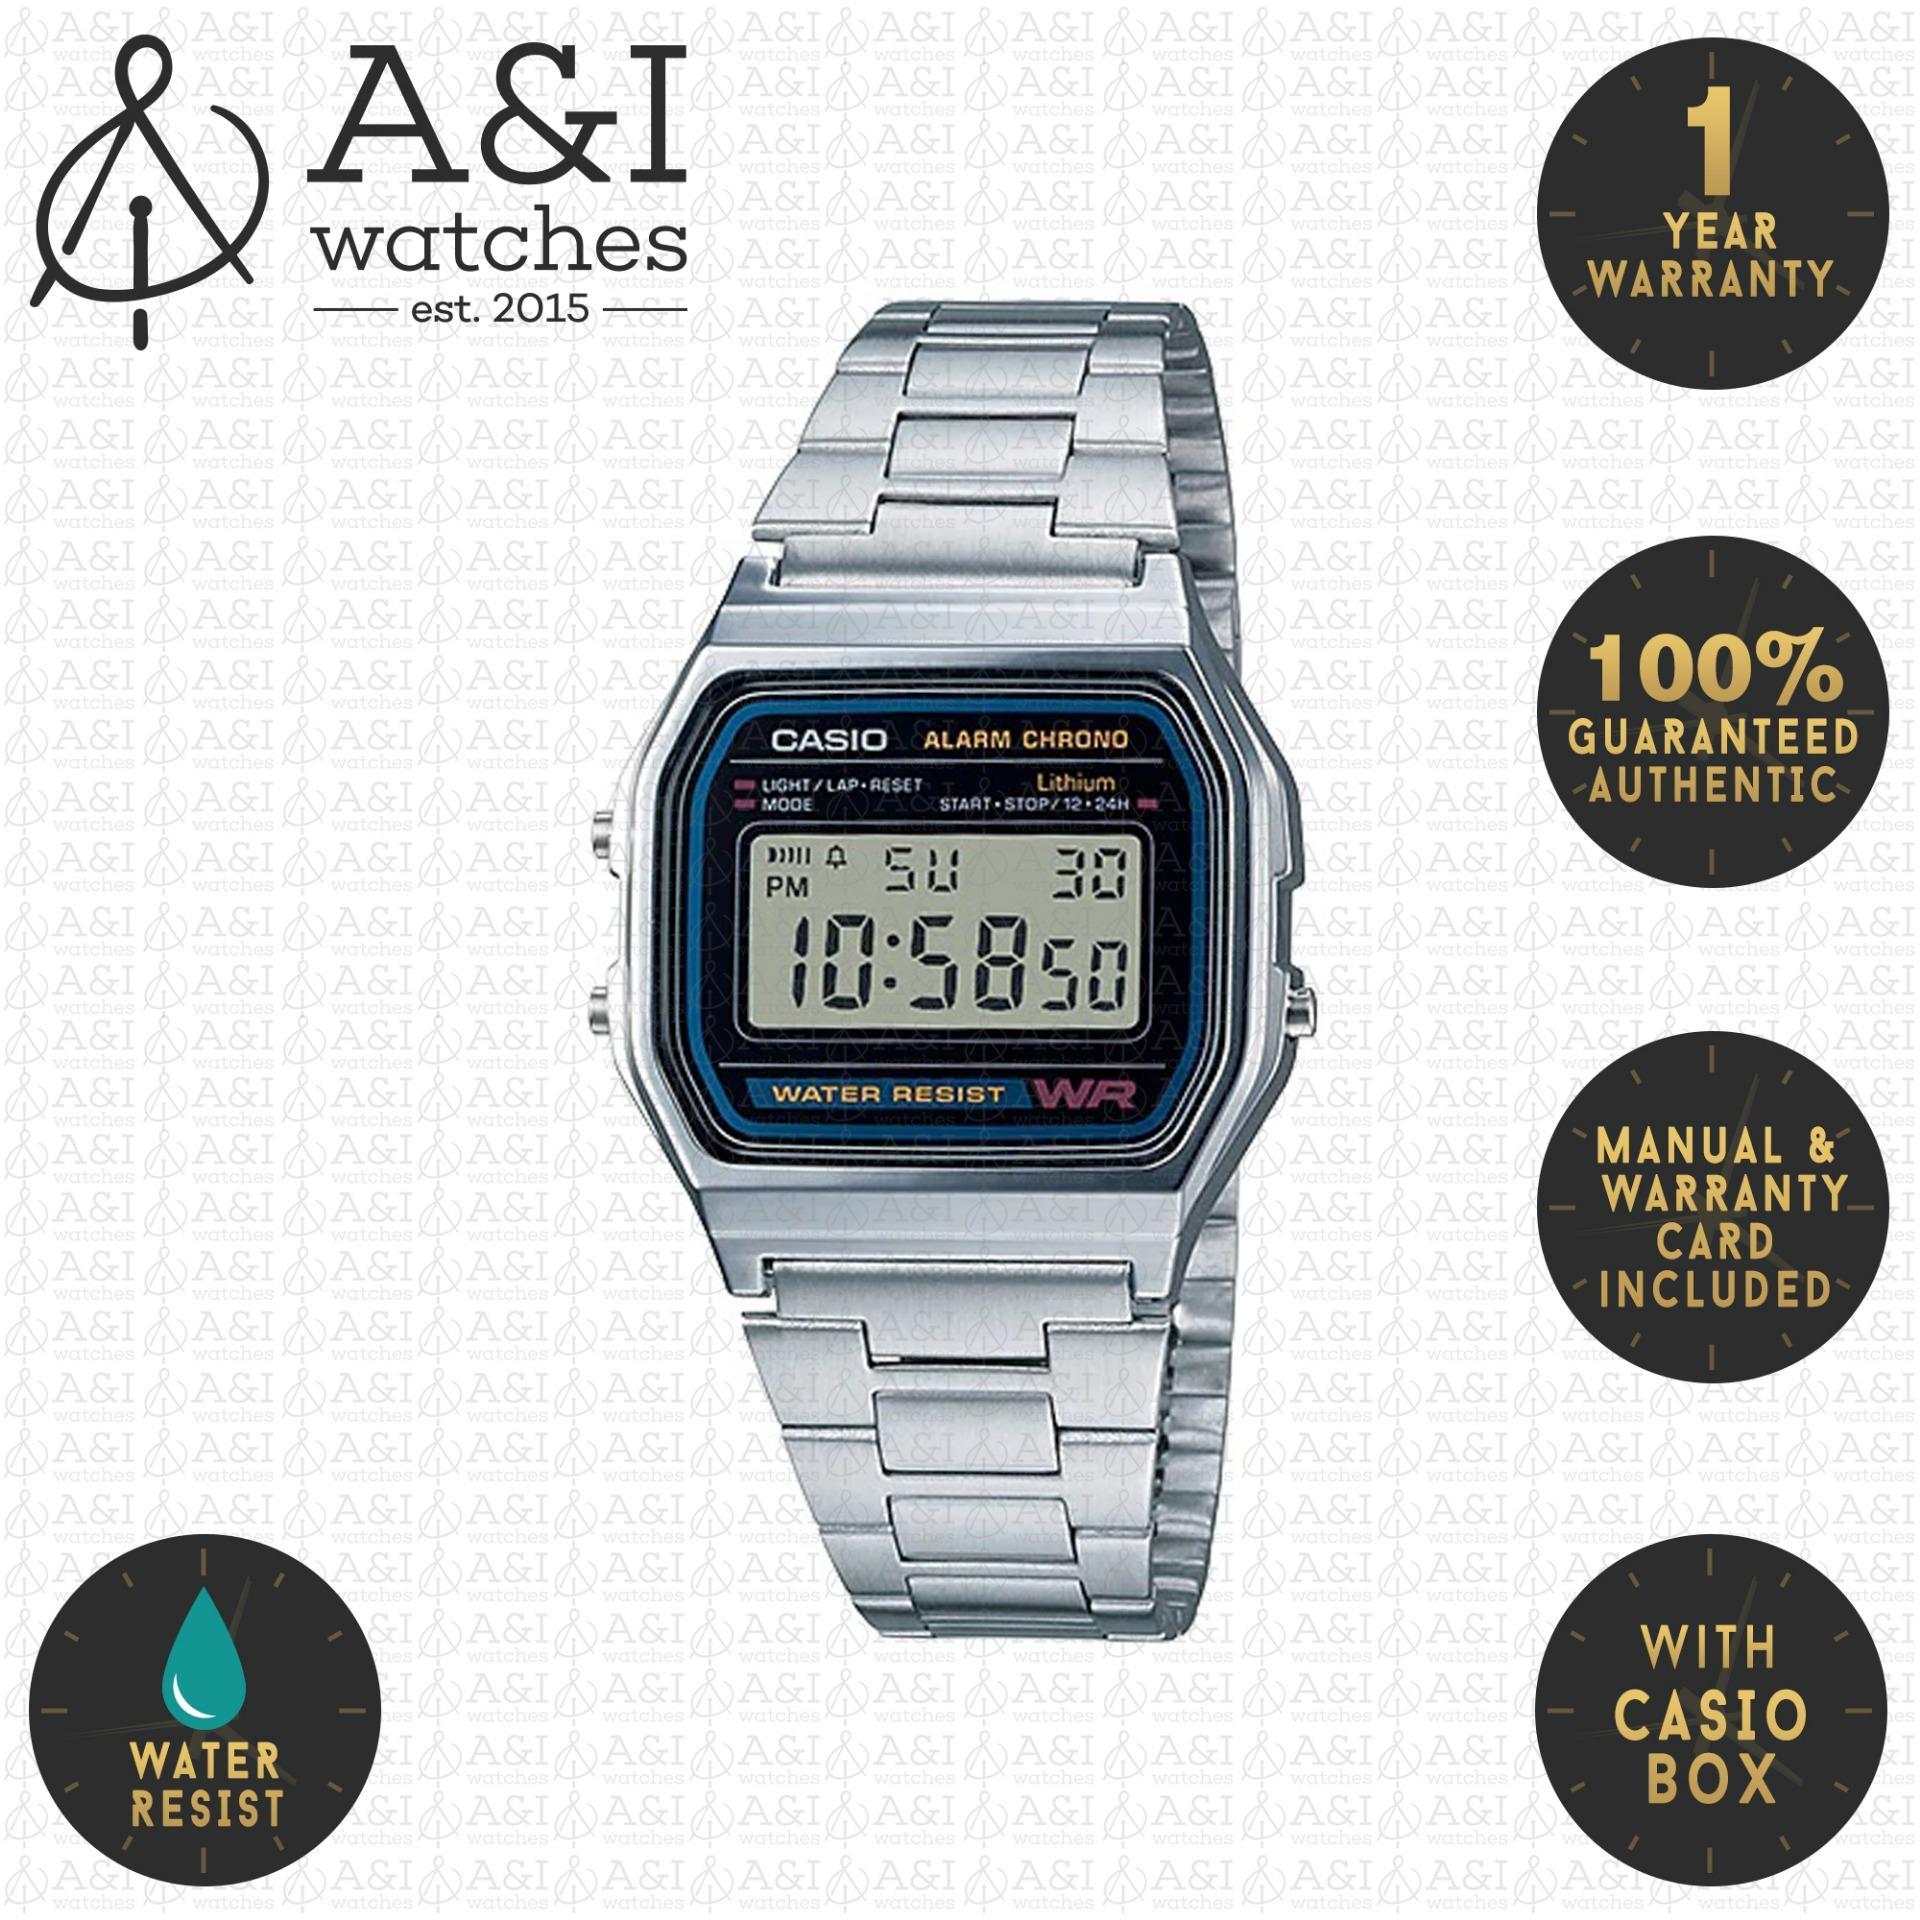 71b4a660cd3 Casio Philippines  Casio price list - Casio Watches for Men   Women ...